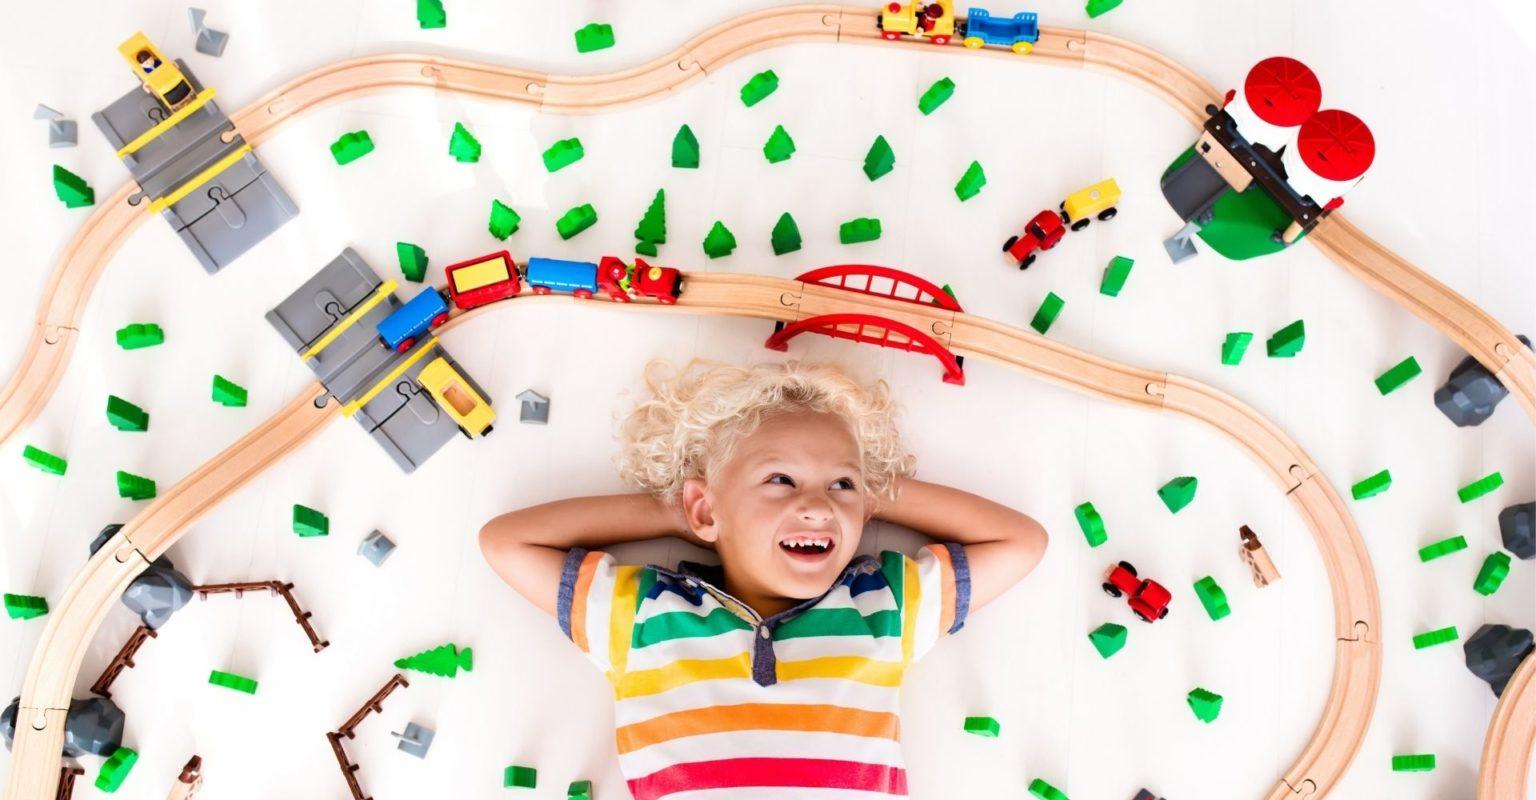 Jak wybrać bezpieczne zabawki dla dziecka?